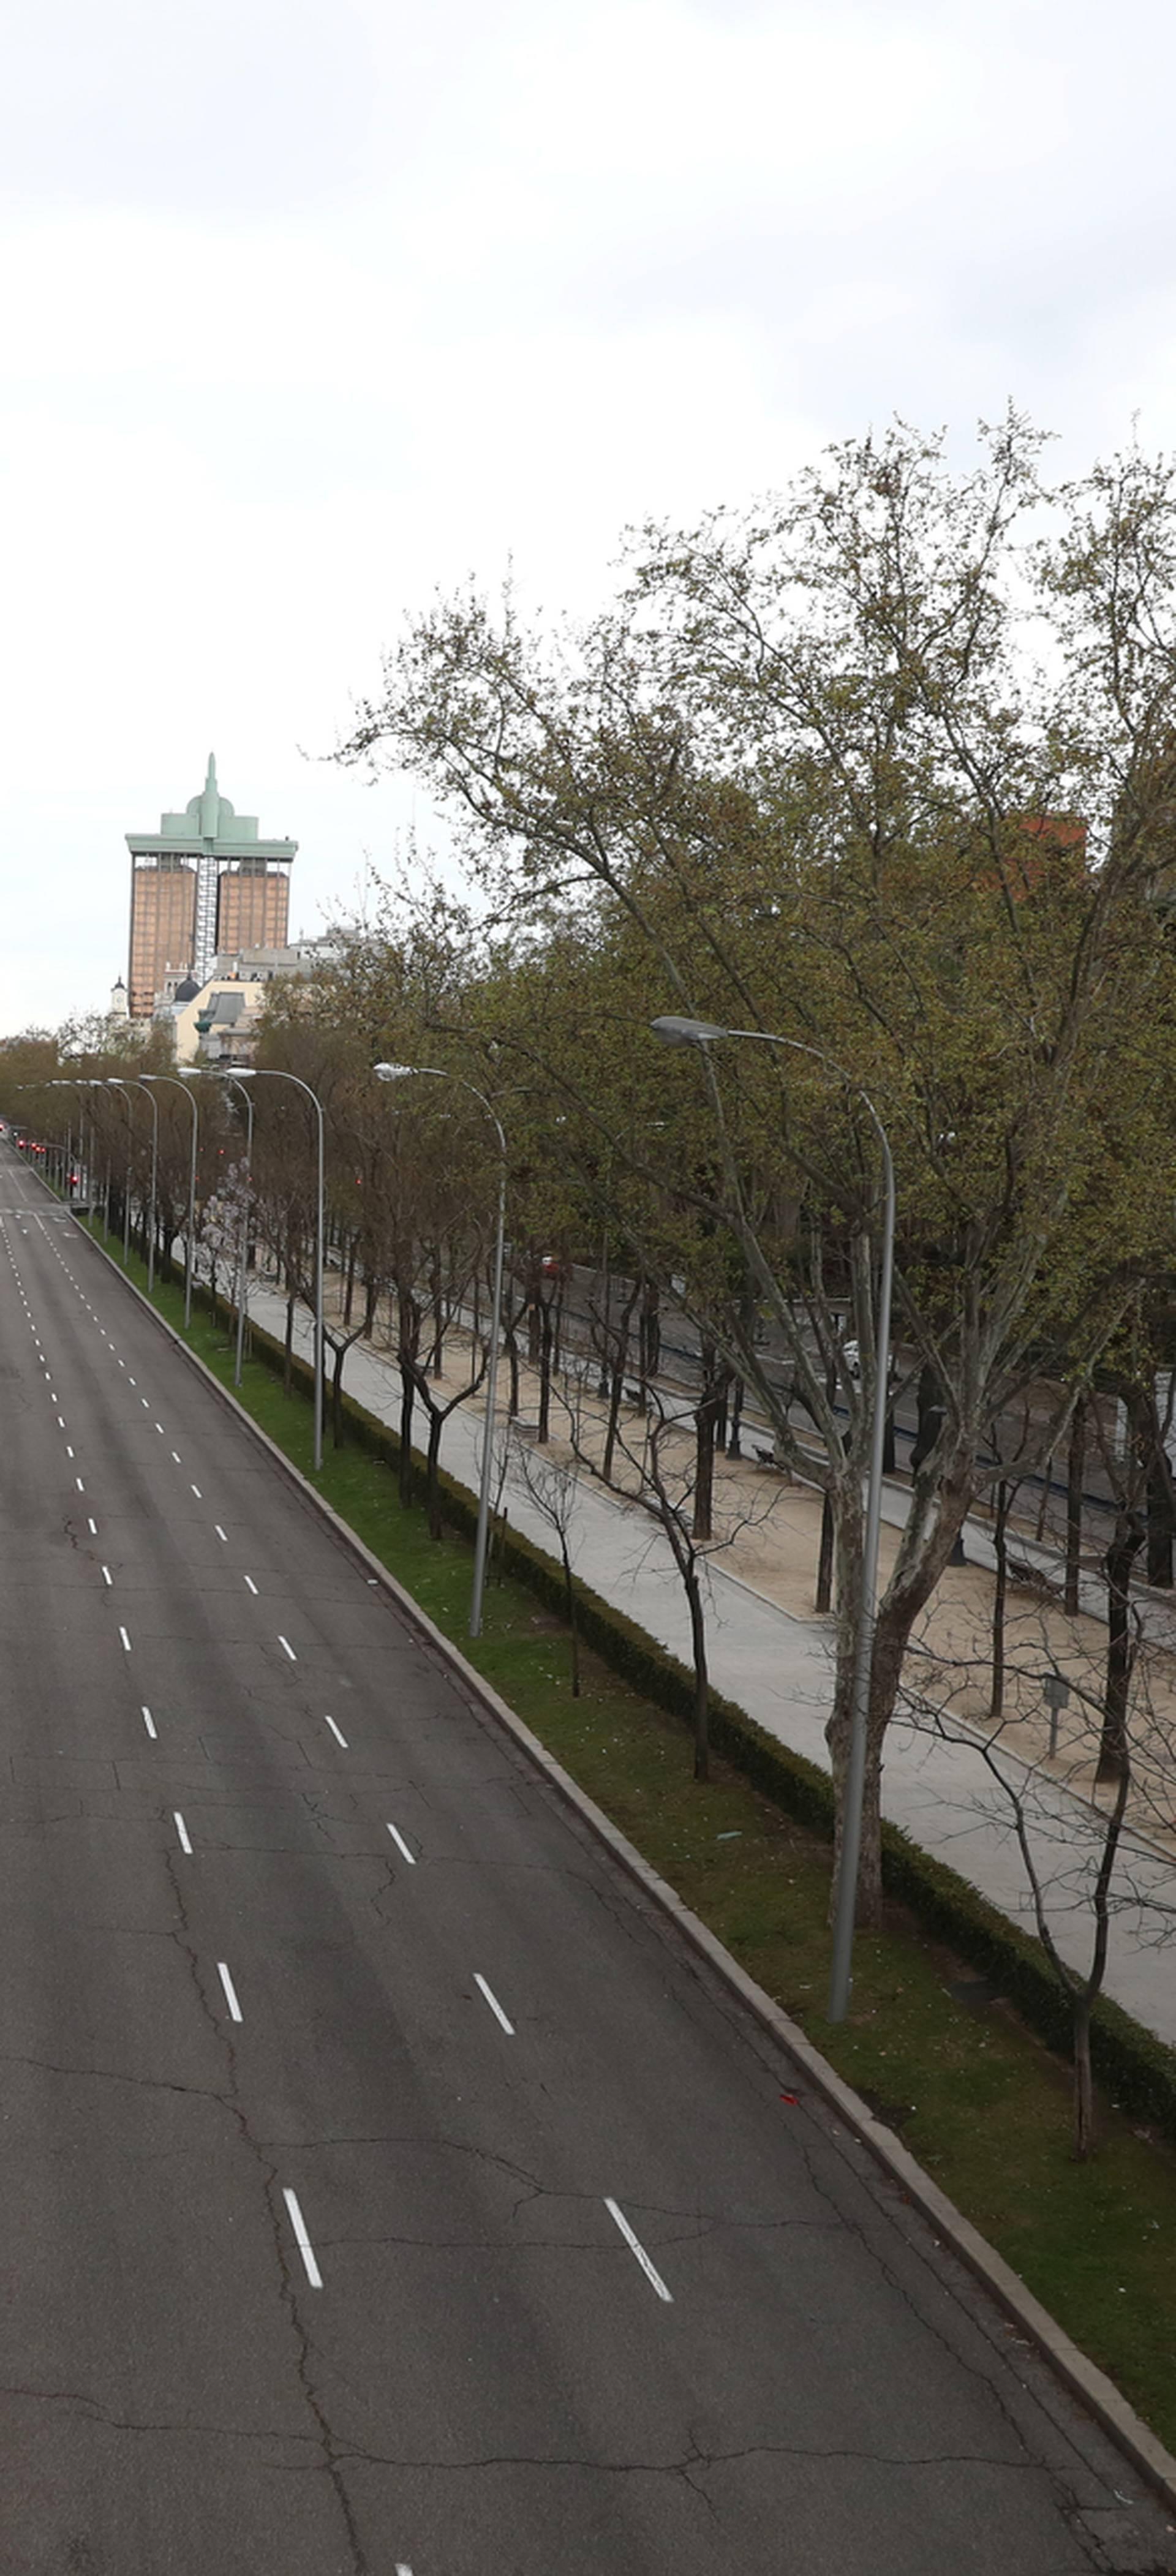 Korona pokosila Madrid: 'Želim udahnuti zrak, vidjeti ulice...'